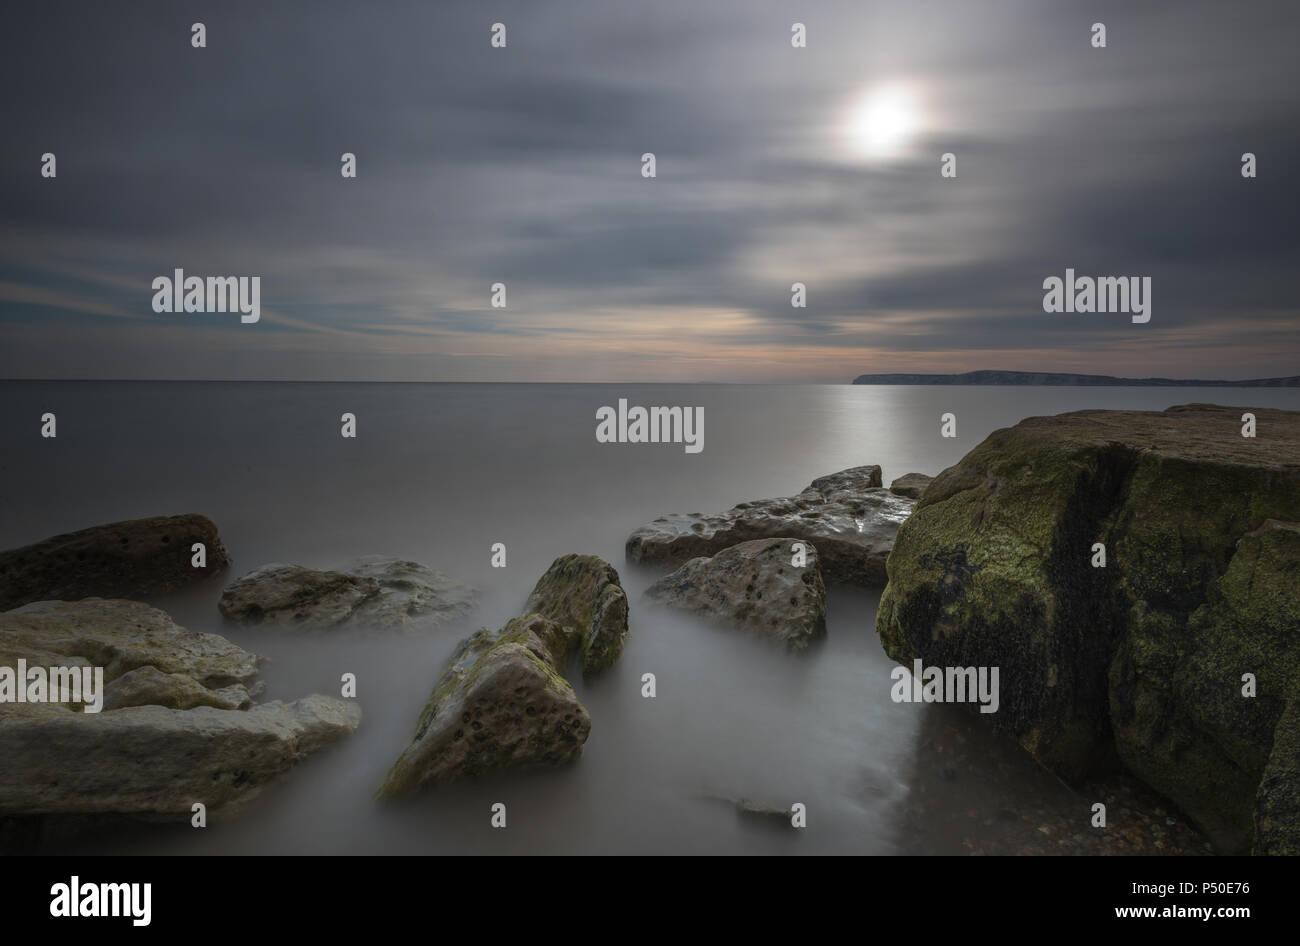 Une belle atmosphère et l'île de Wight seascape ou coucher de soleil sur la mer à Compton Bay près de freshwater bay.. Photo Stock